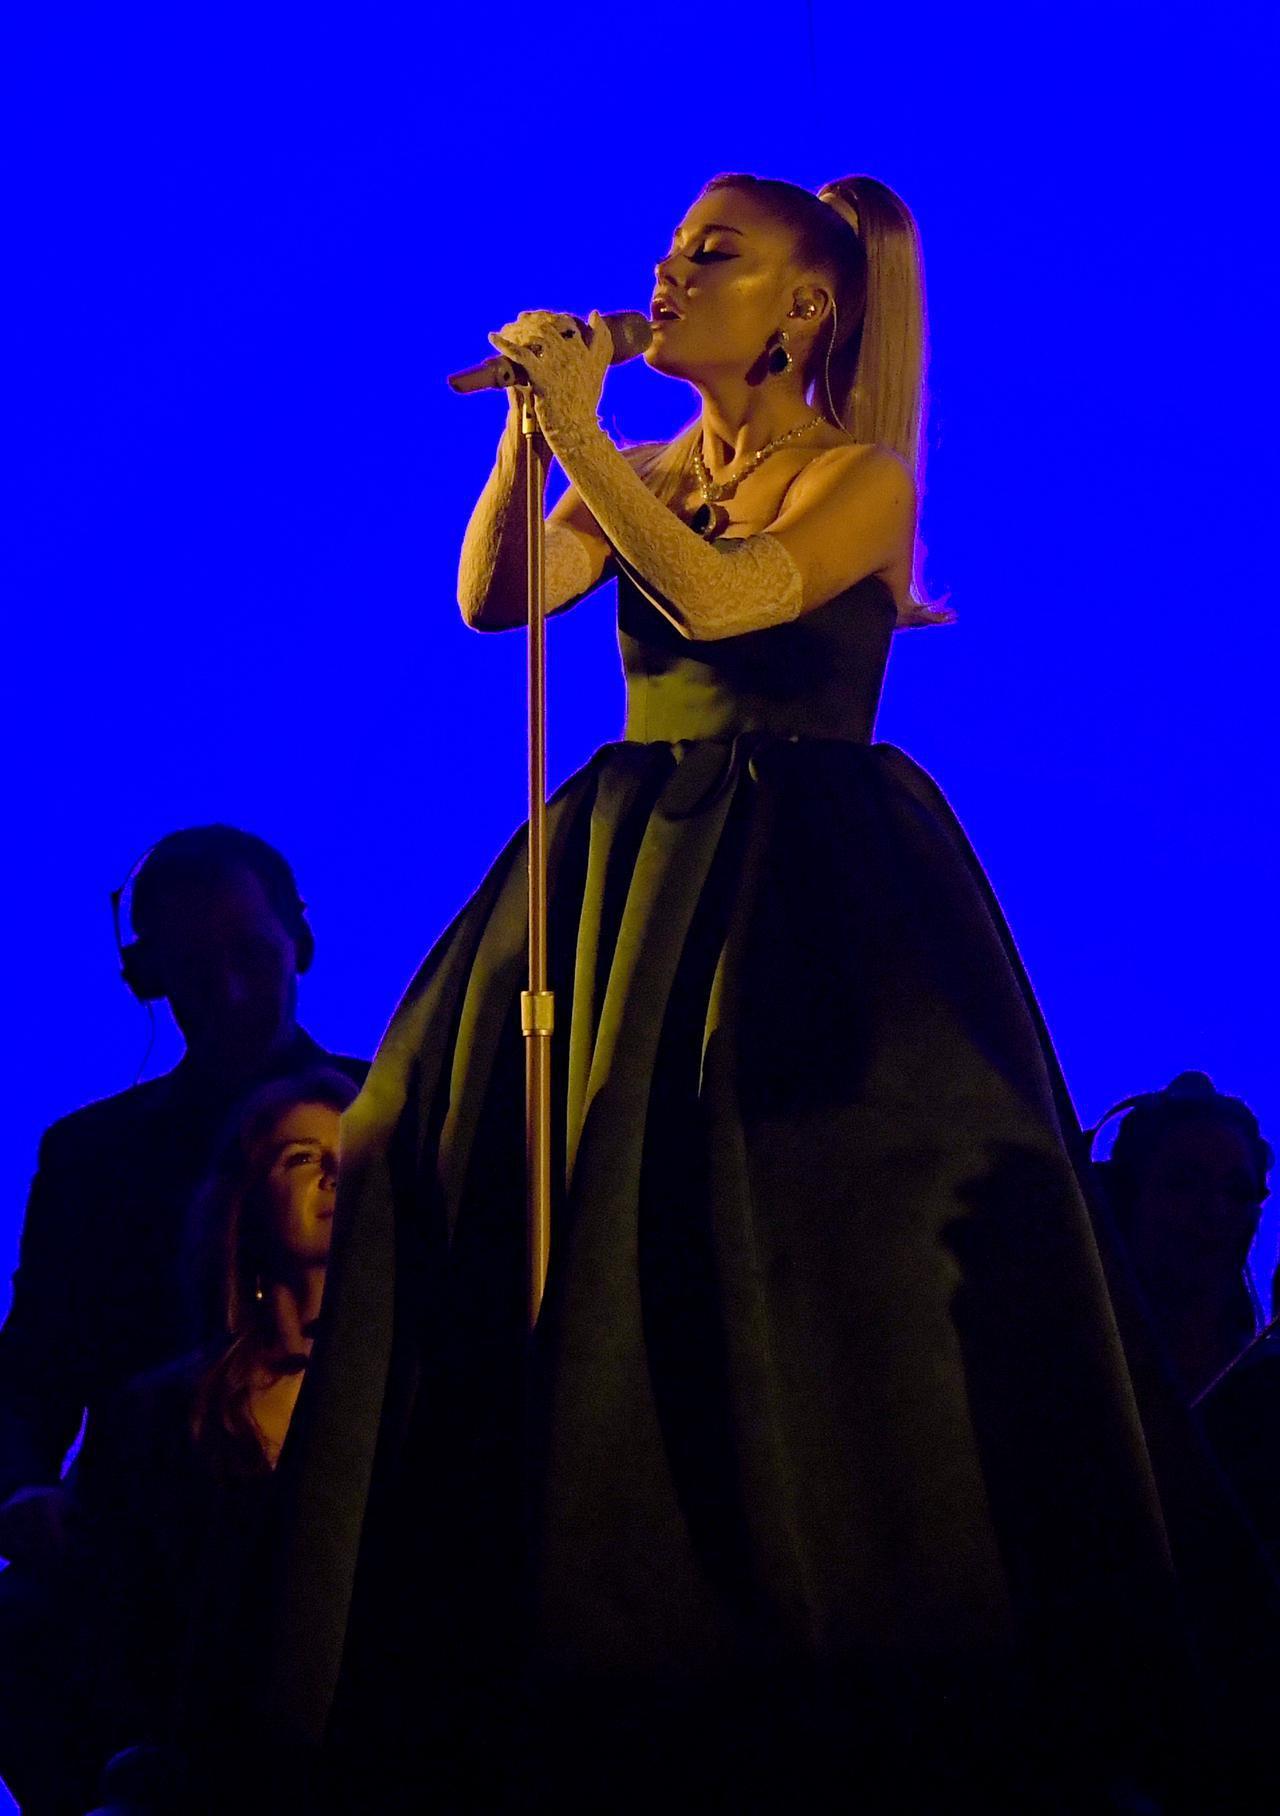 画像3: アリアナ・グランデがグラミー賞で圧巻のパフォーマンス